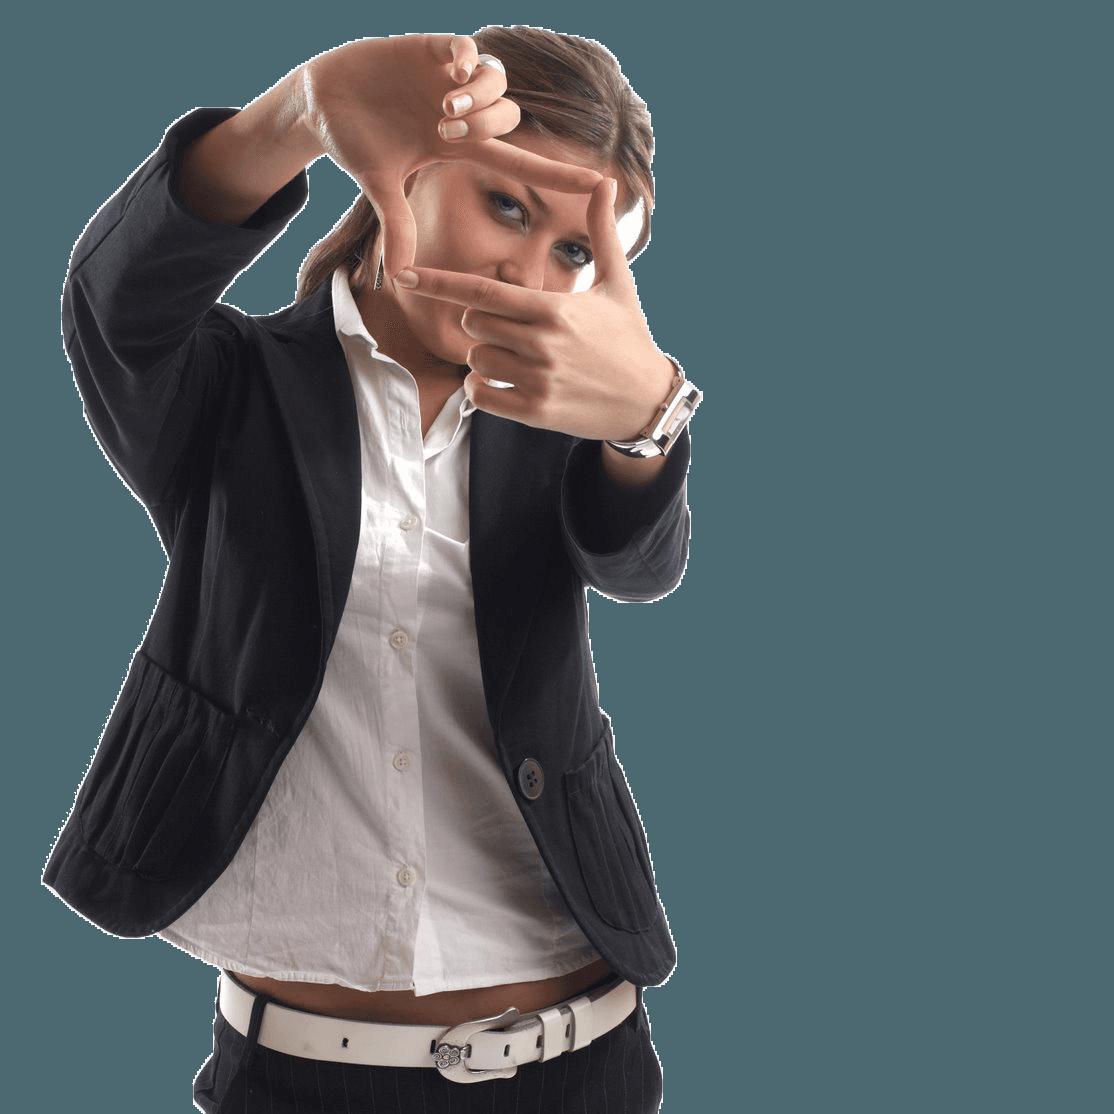 Folio Administratie en bedrijfsadvies Bemmel